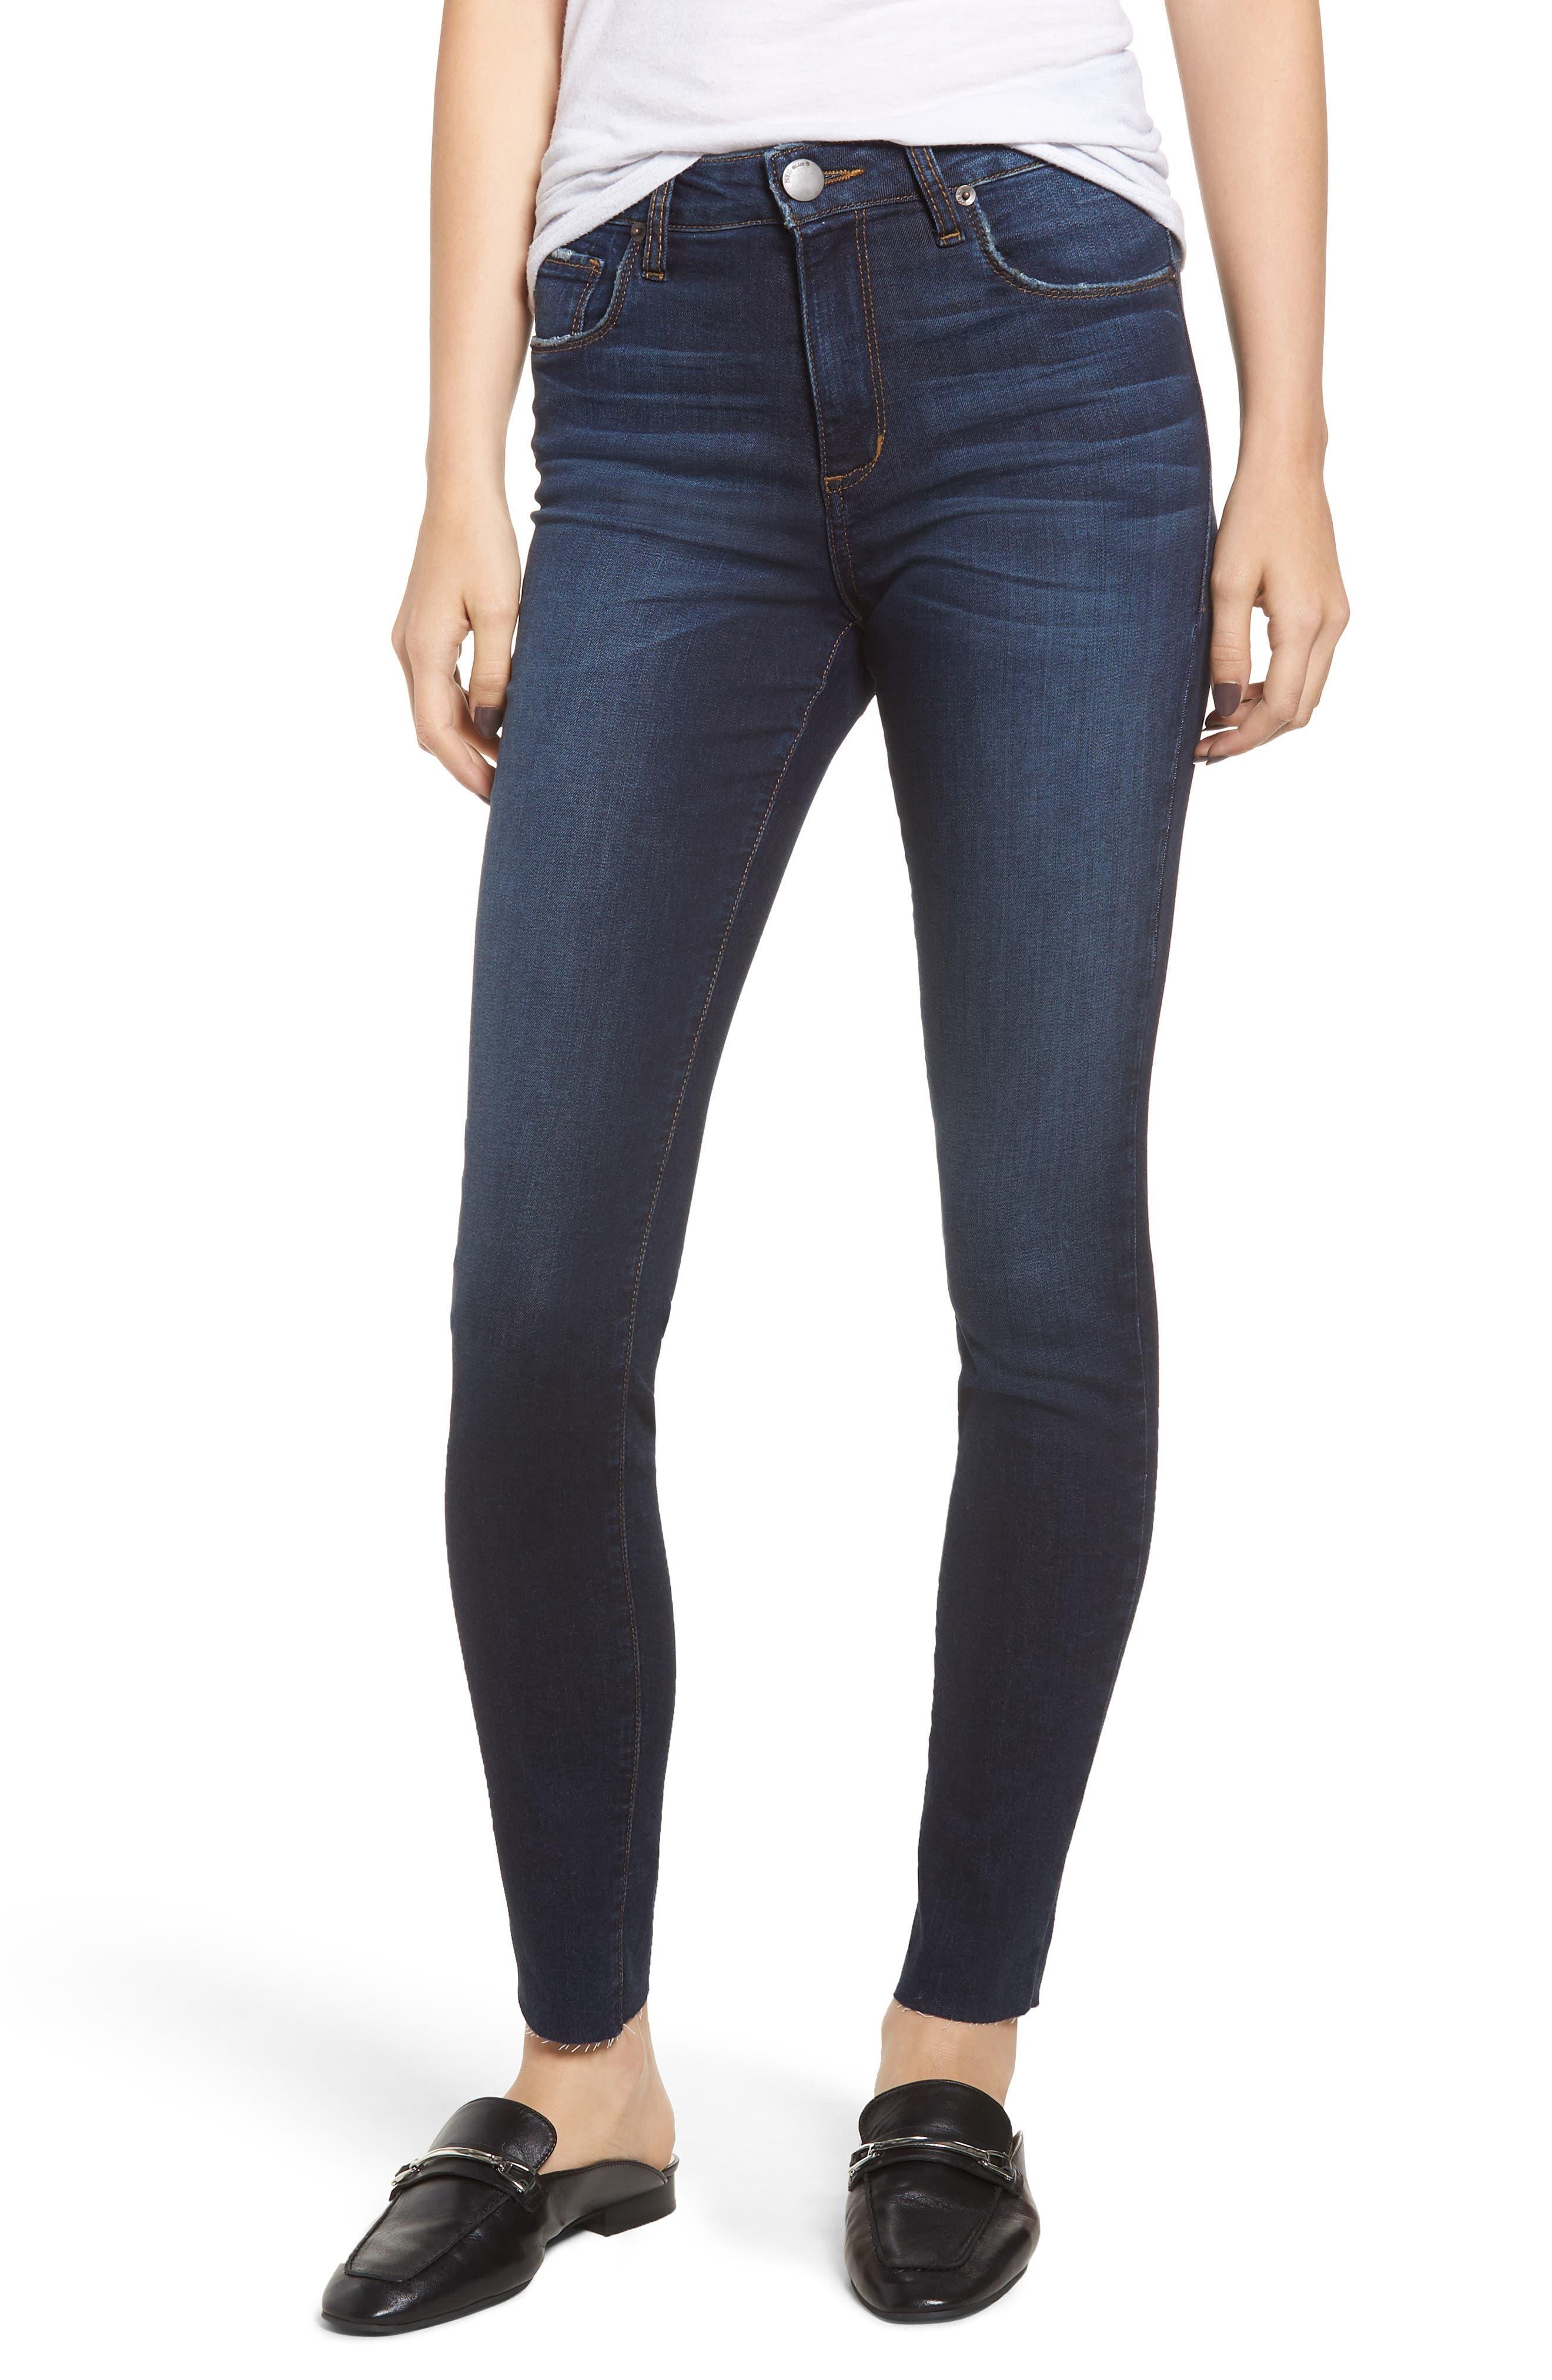 STS BLUE Ellie High Waist Ankle Skinny Jeans, Main, color, DENLEY